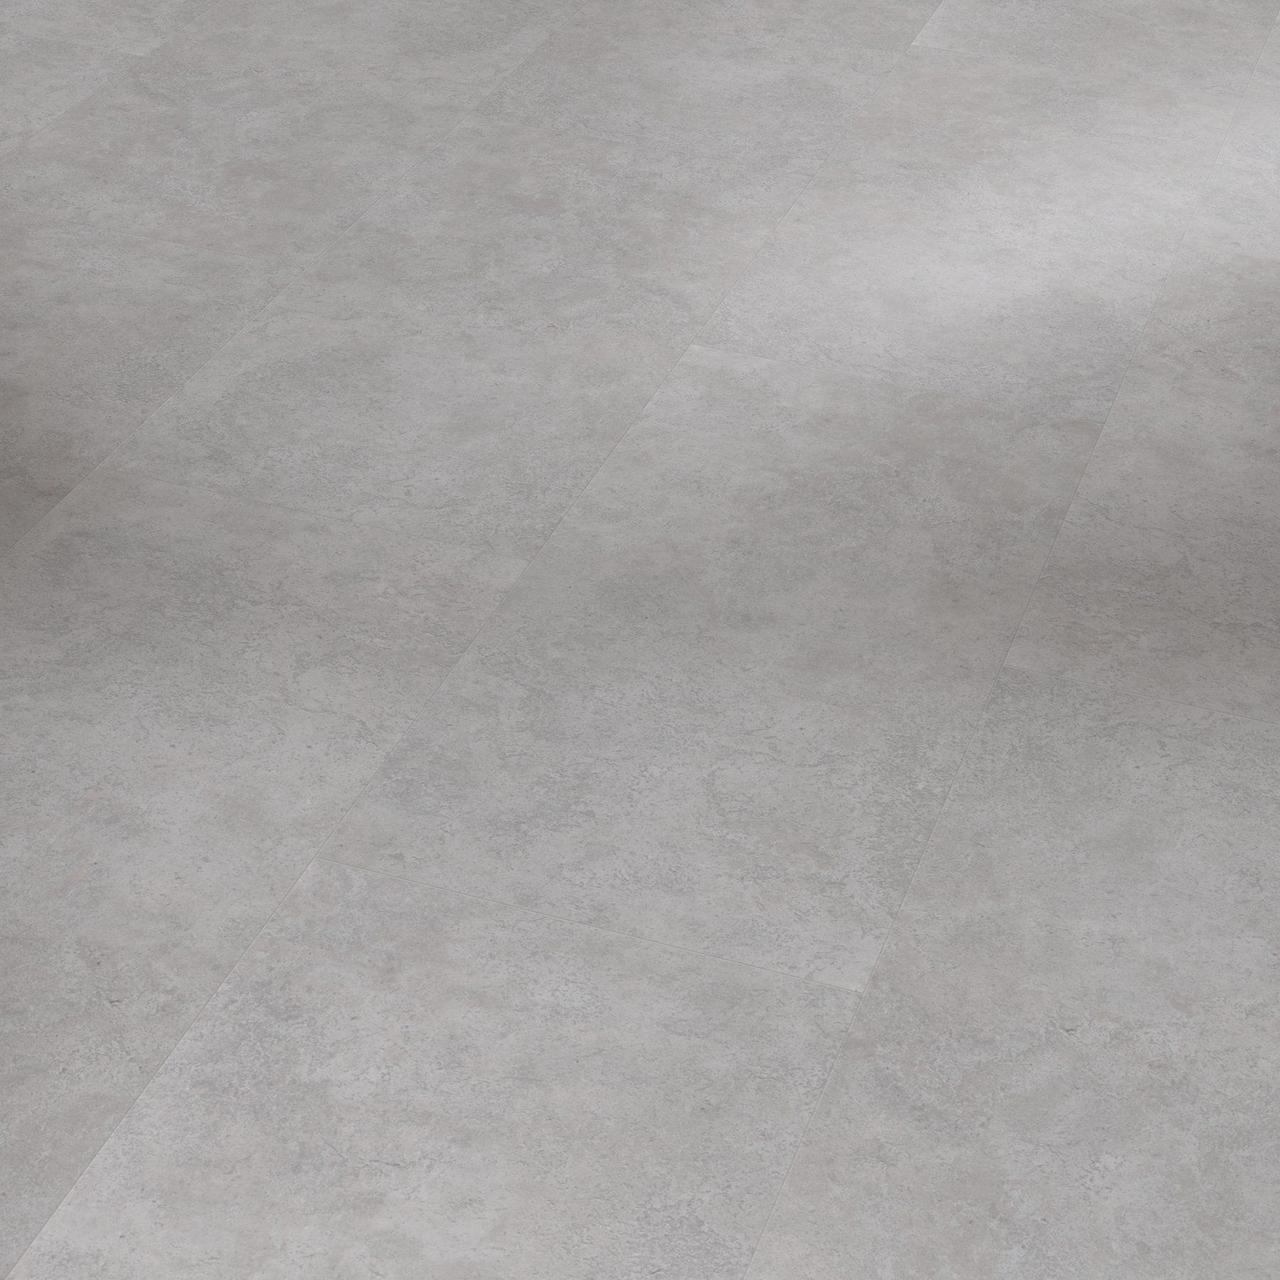 Вінілові покриття Parador Бетон сірий (Concrete grey)